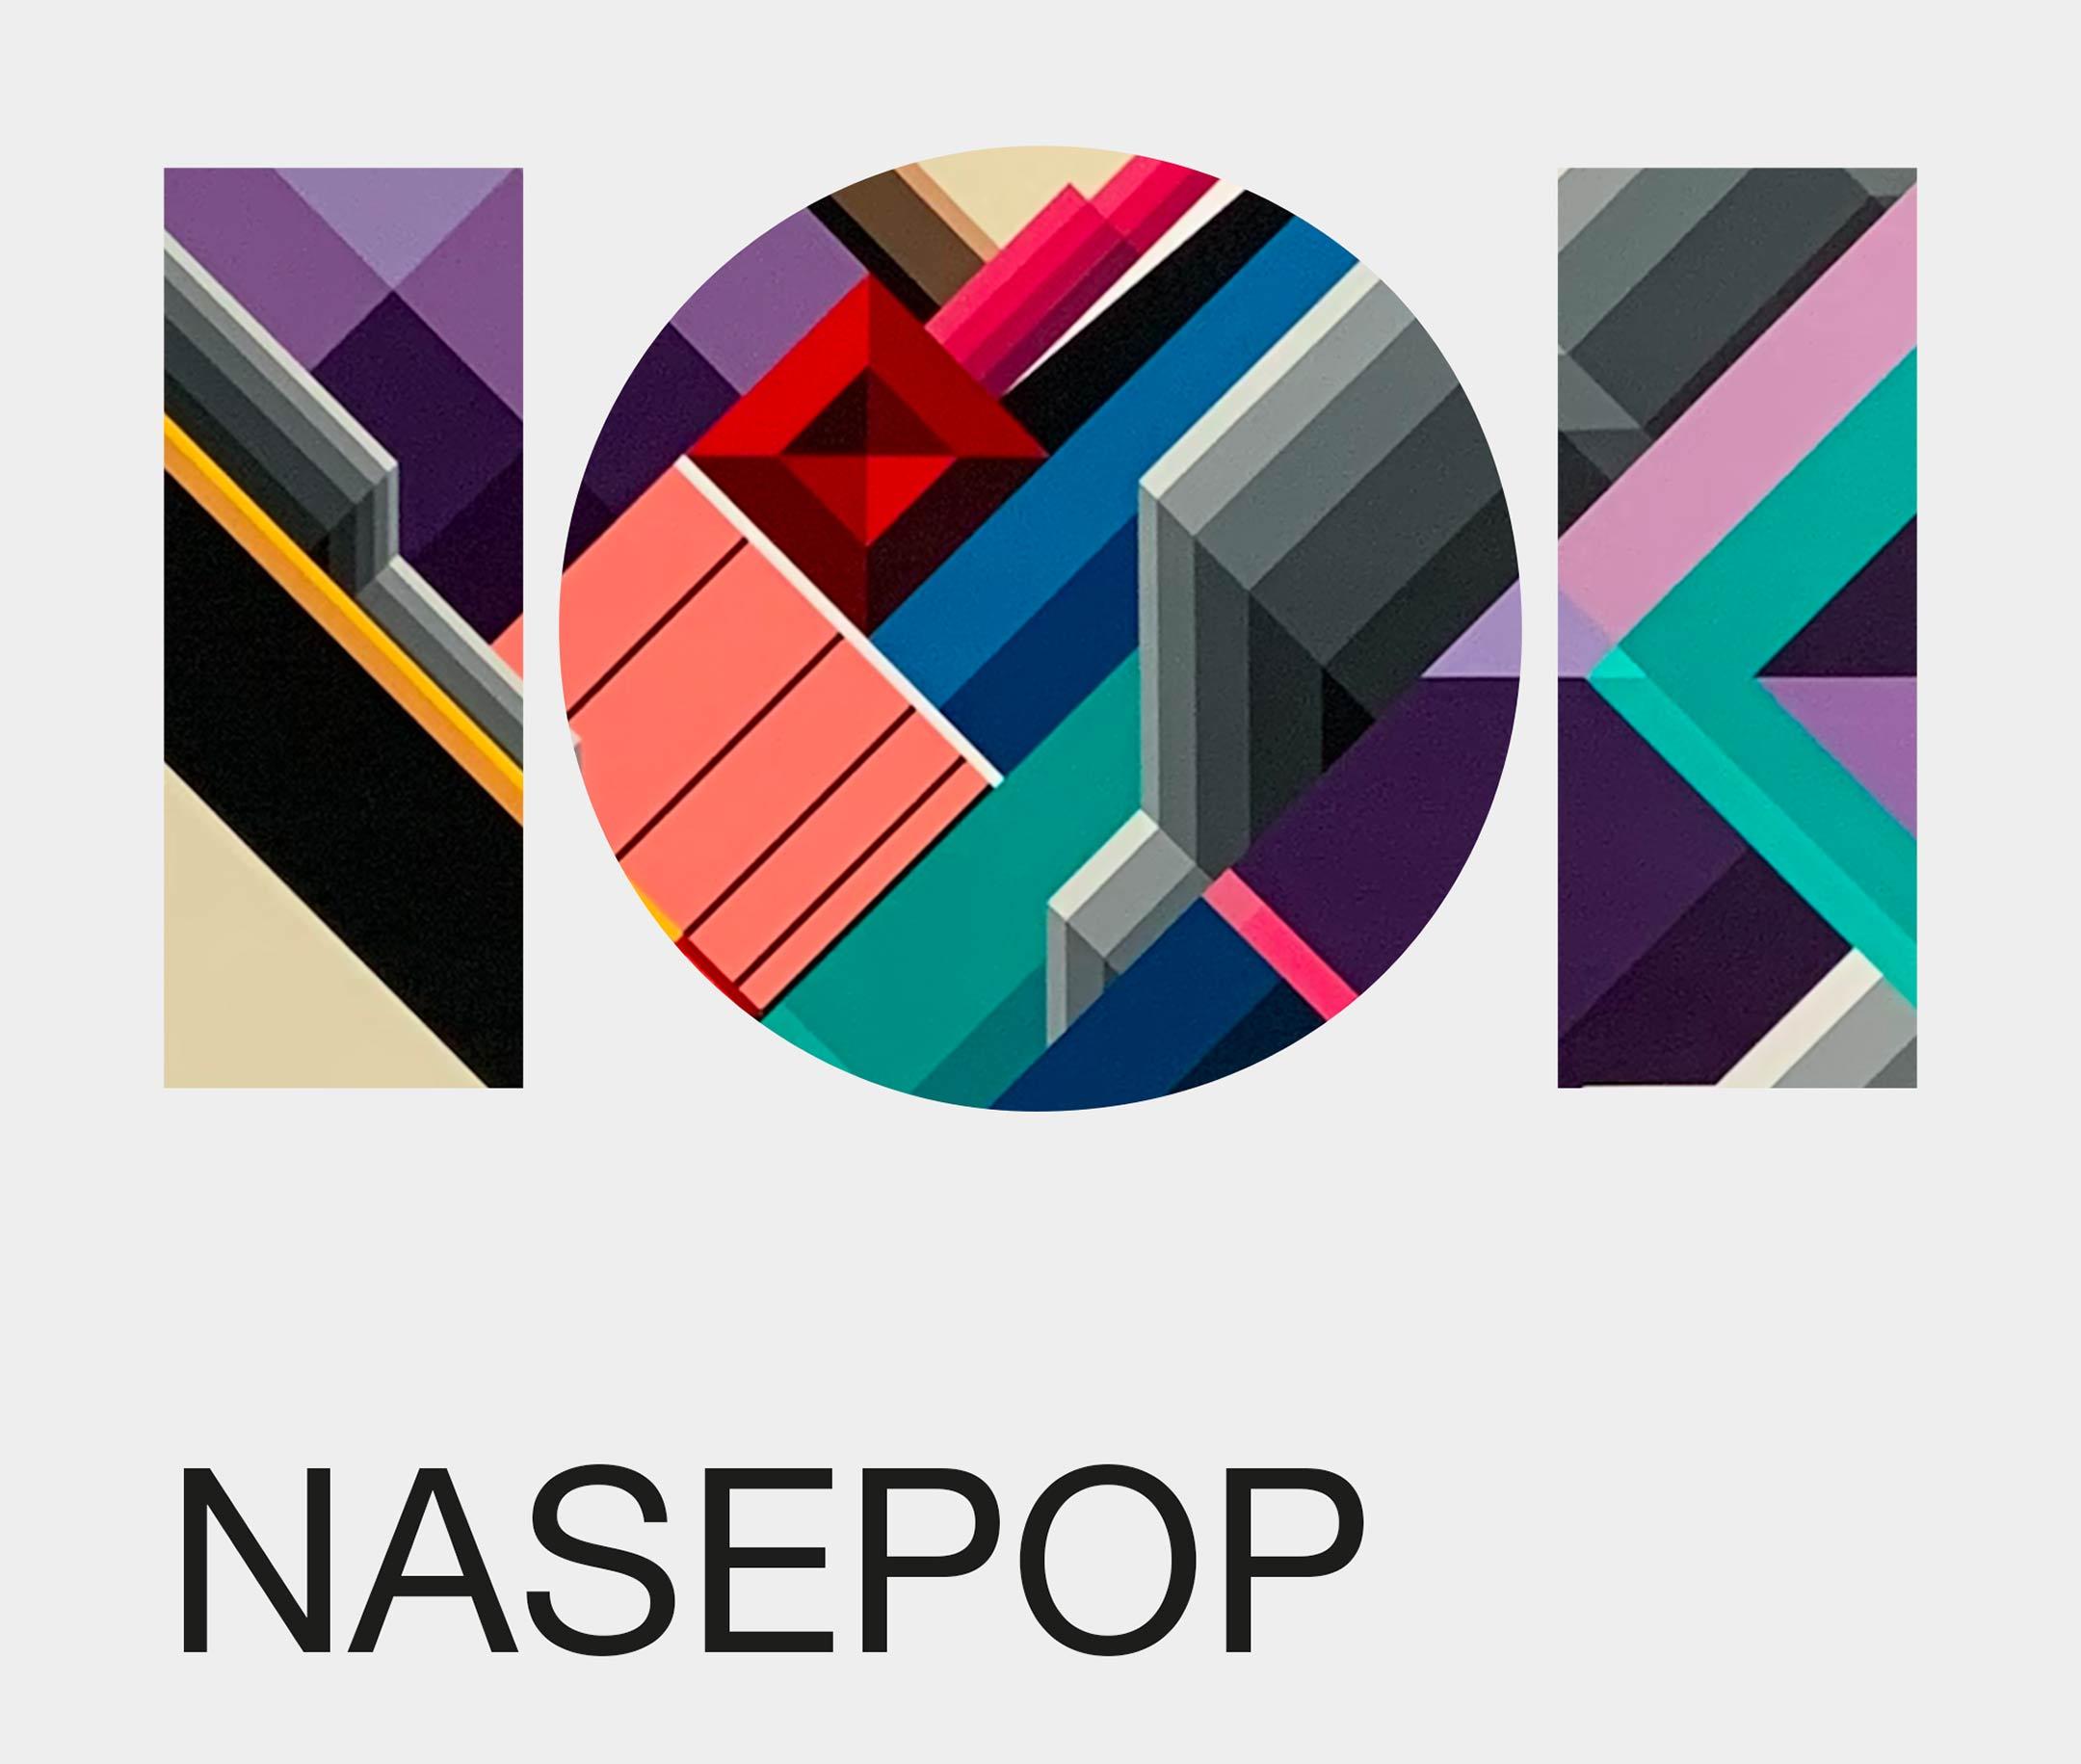 NASEPOP_IG